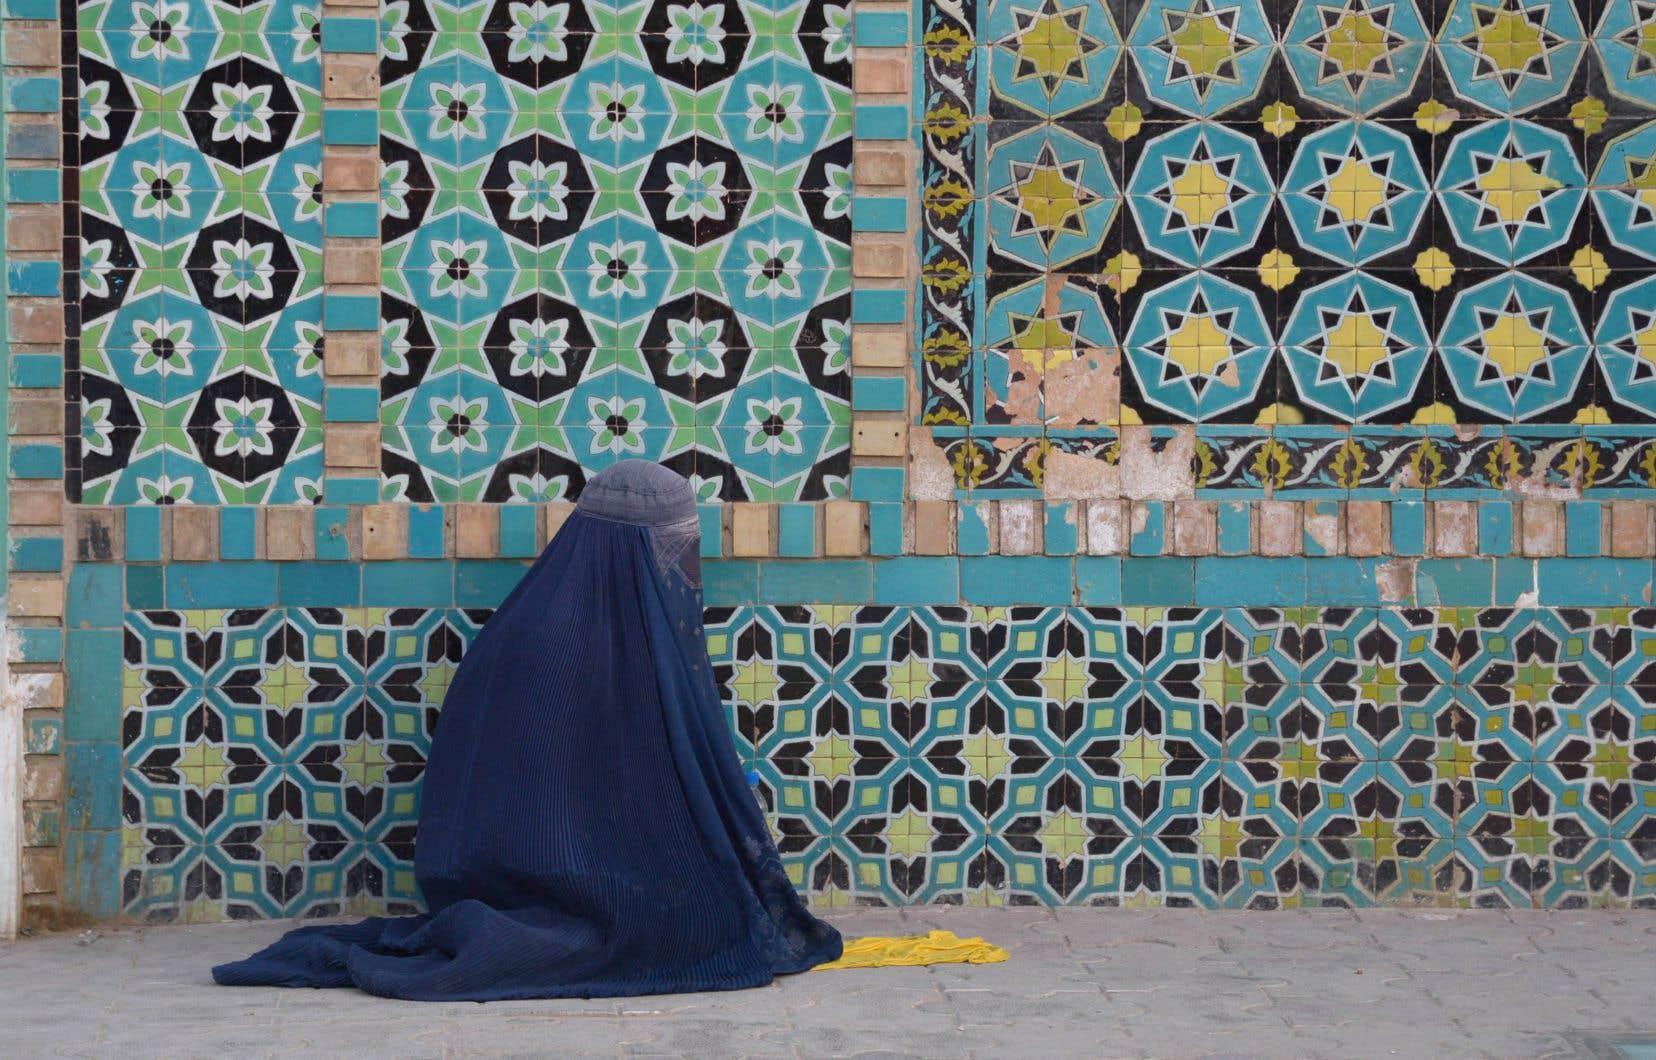 Les talibans ont une interprétation très stricte de la charia, imposant de lourdes restrictions aux femmes.